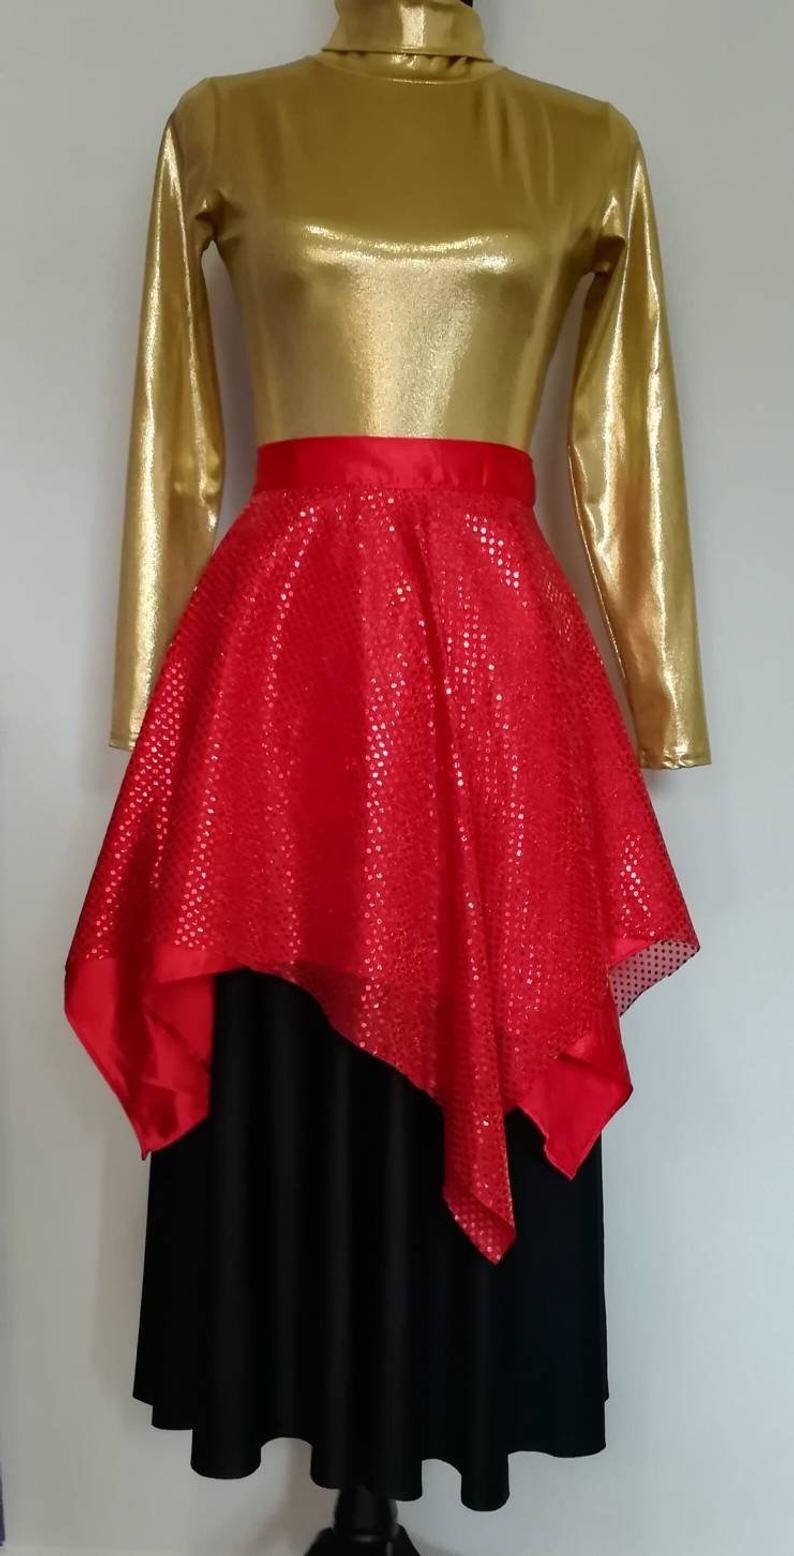 Skirt Worship Dance Skirt Dance Garments Praise Skirt Etsy In 2020 Dance Garments Dance Attire Dance Skirt